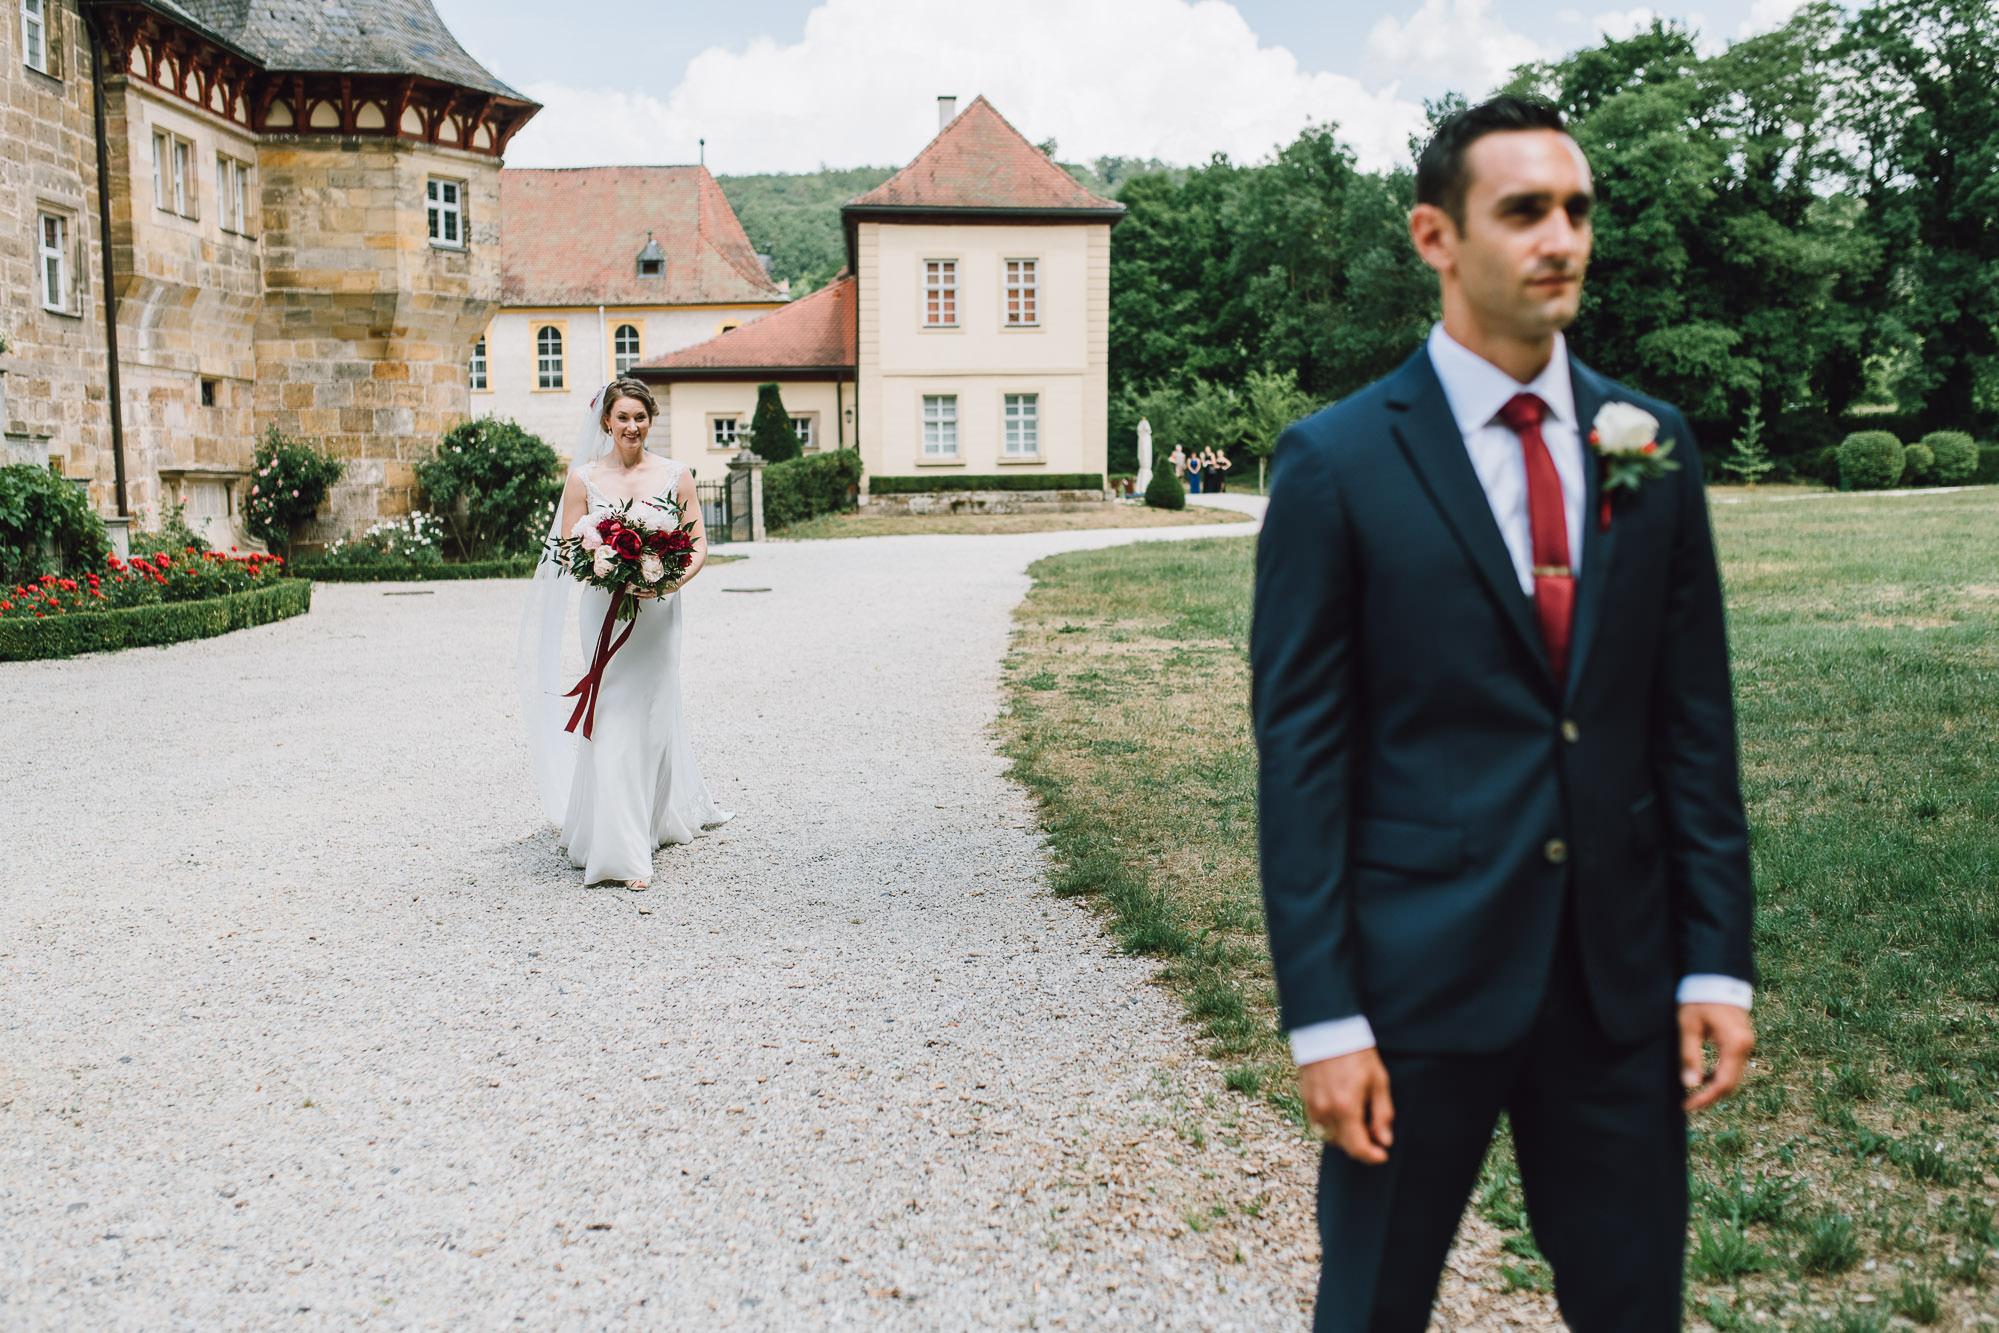 rustic-elegant-wedding-schloss-hochzeit-eyrichshof-franken-bamberg-036